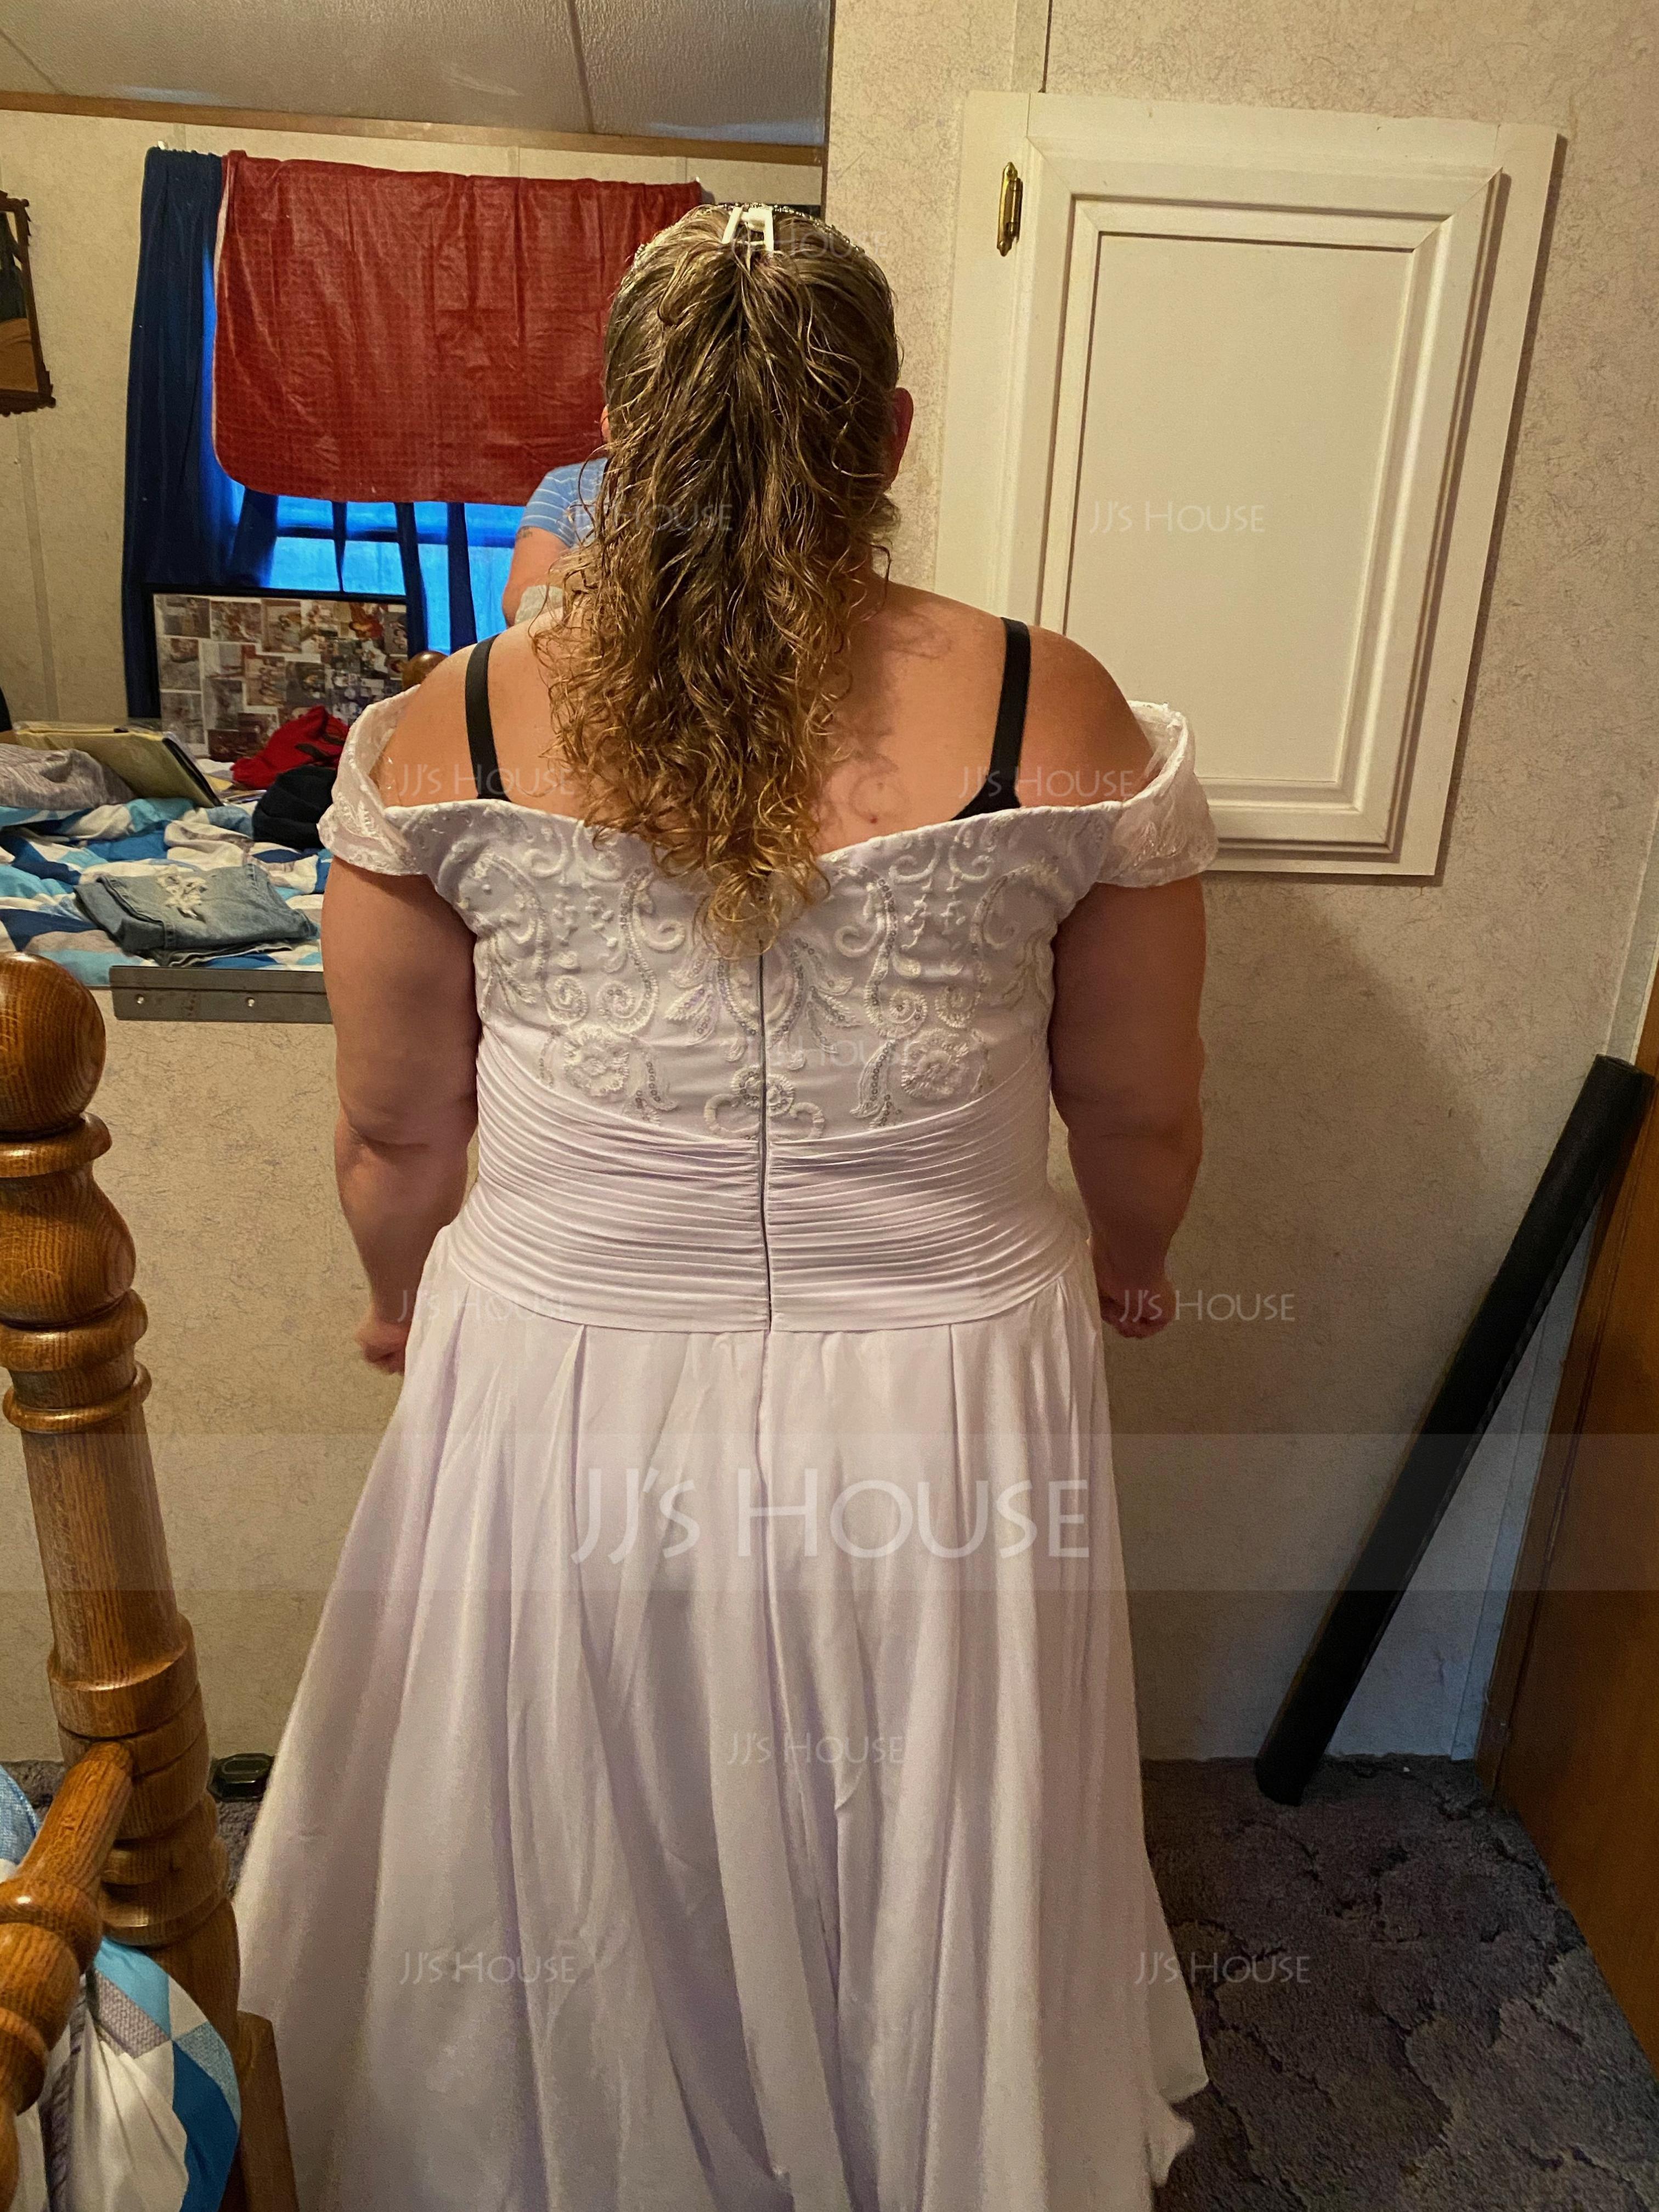 Aライン オフショルダー 非対称 シフォン ウエディングドレス とともに スパンコール